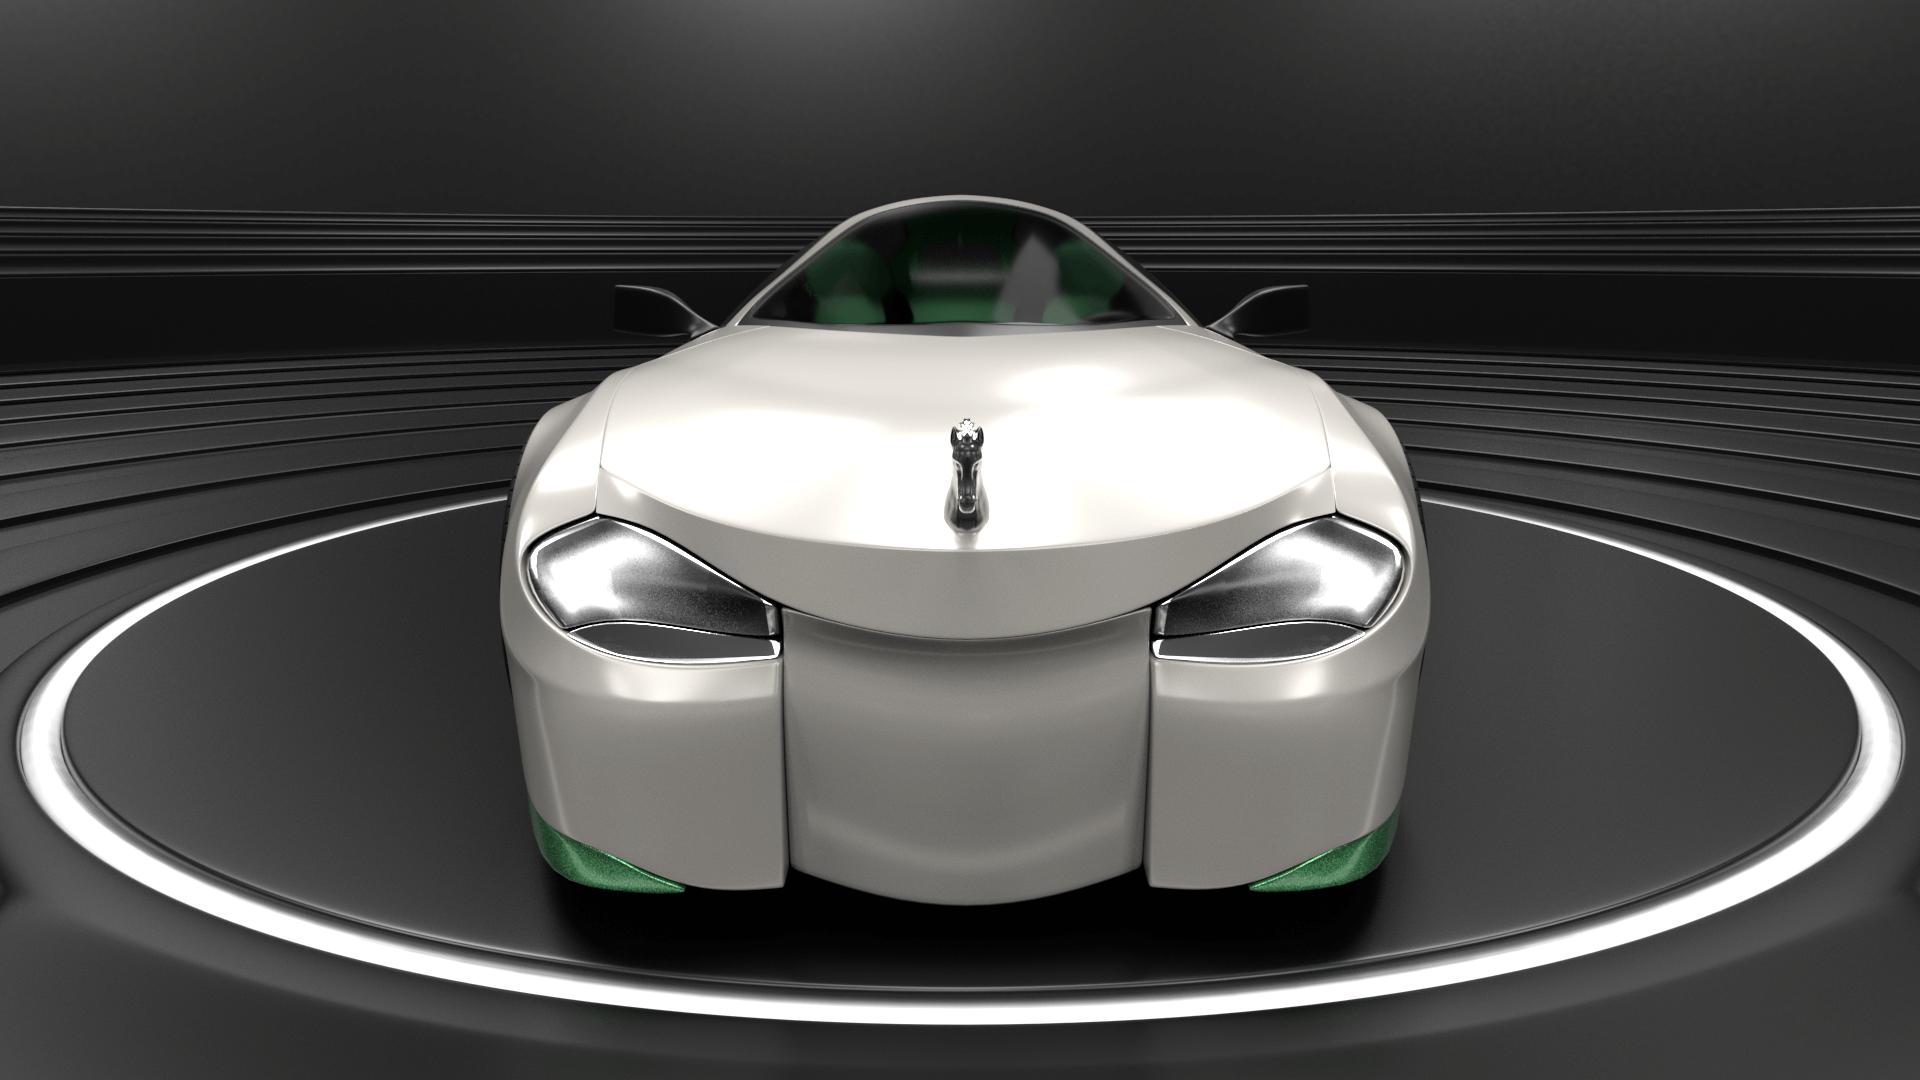 Shrek's Onion Carriage as a supercar 5